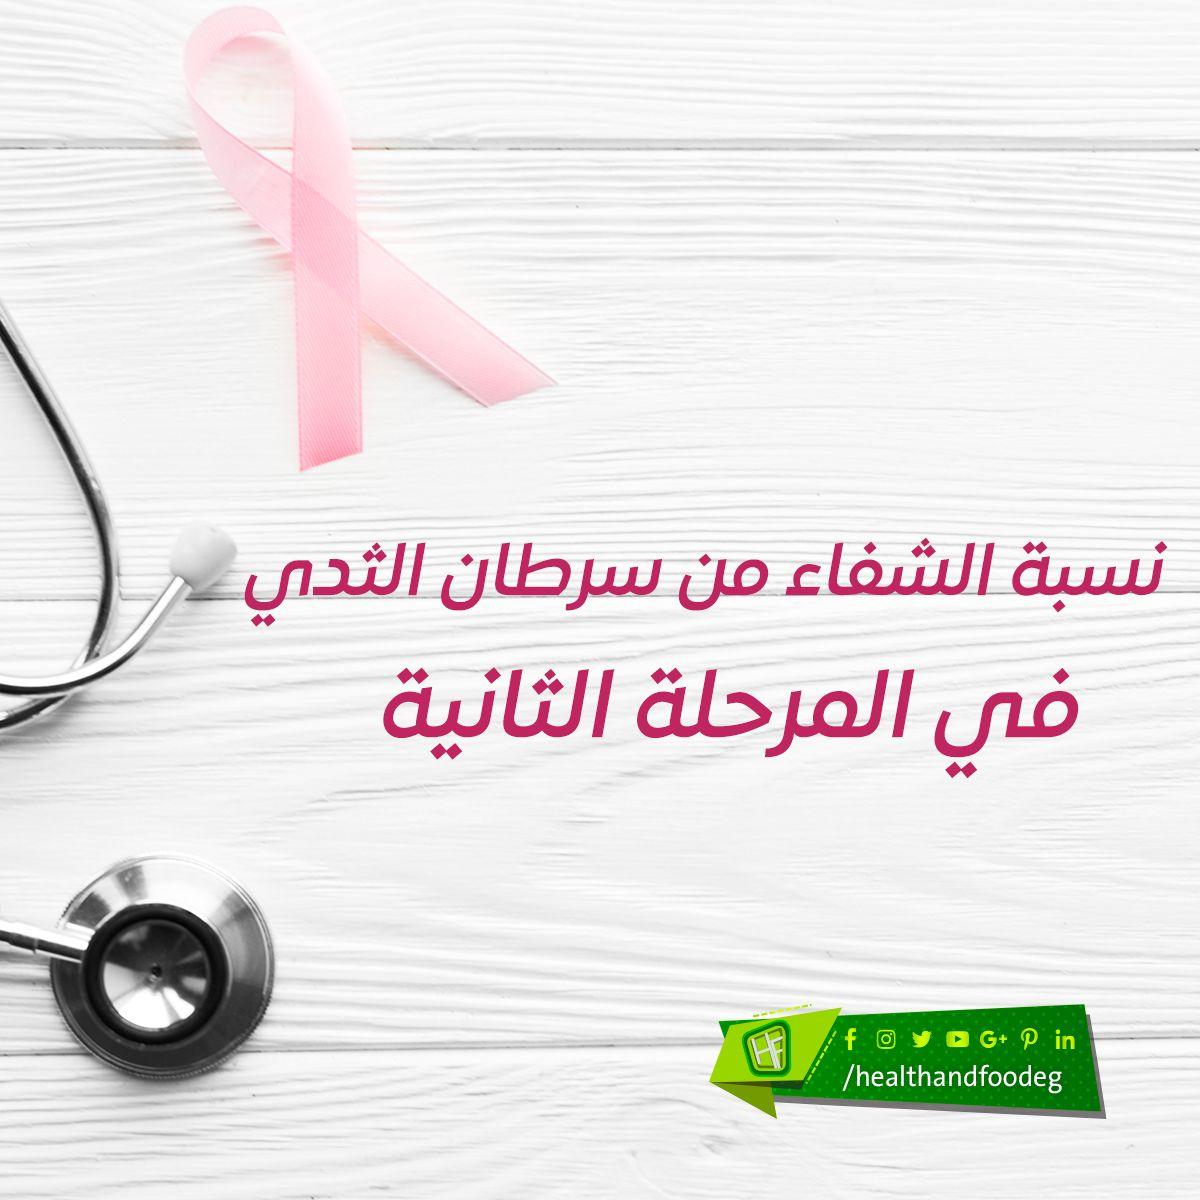 نسبة الشفاء من سرطان الثدي في المرحلة الثانية الدكتور احمد ابو النصر Movie Posters Movies